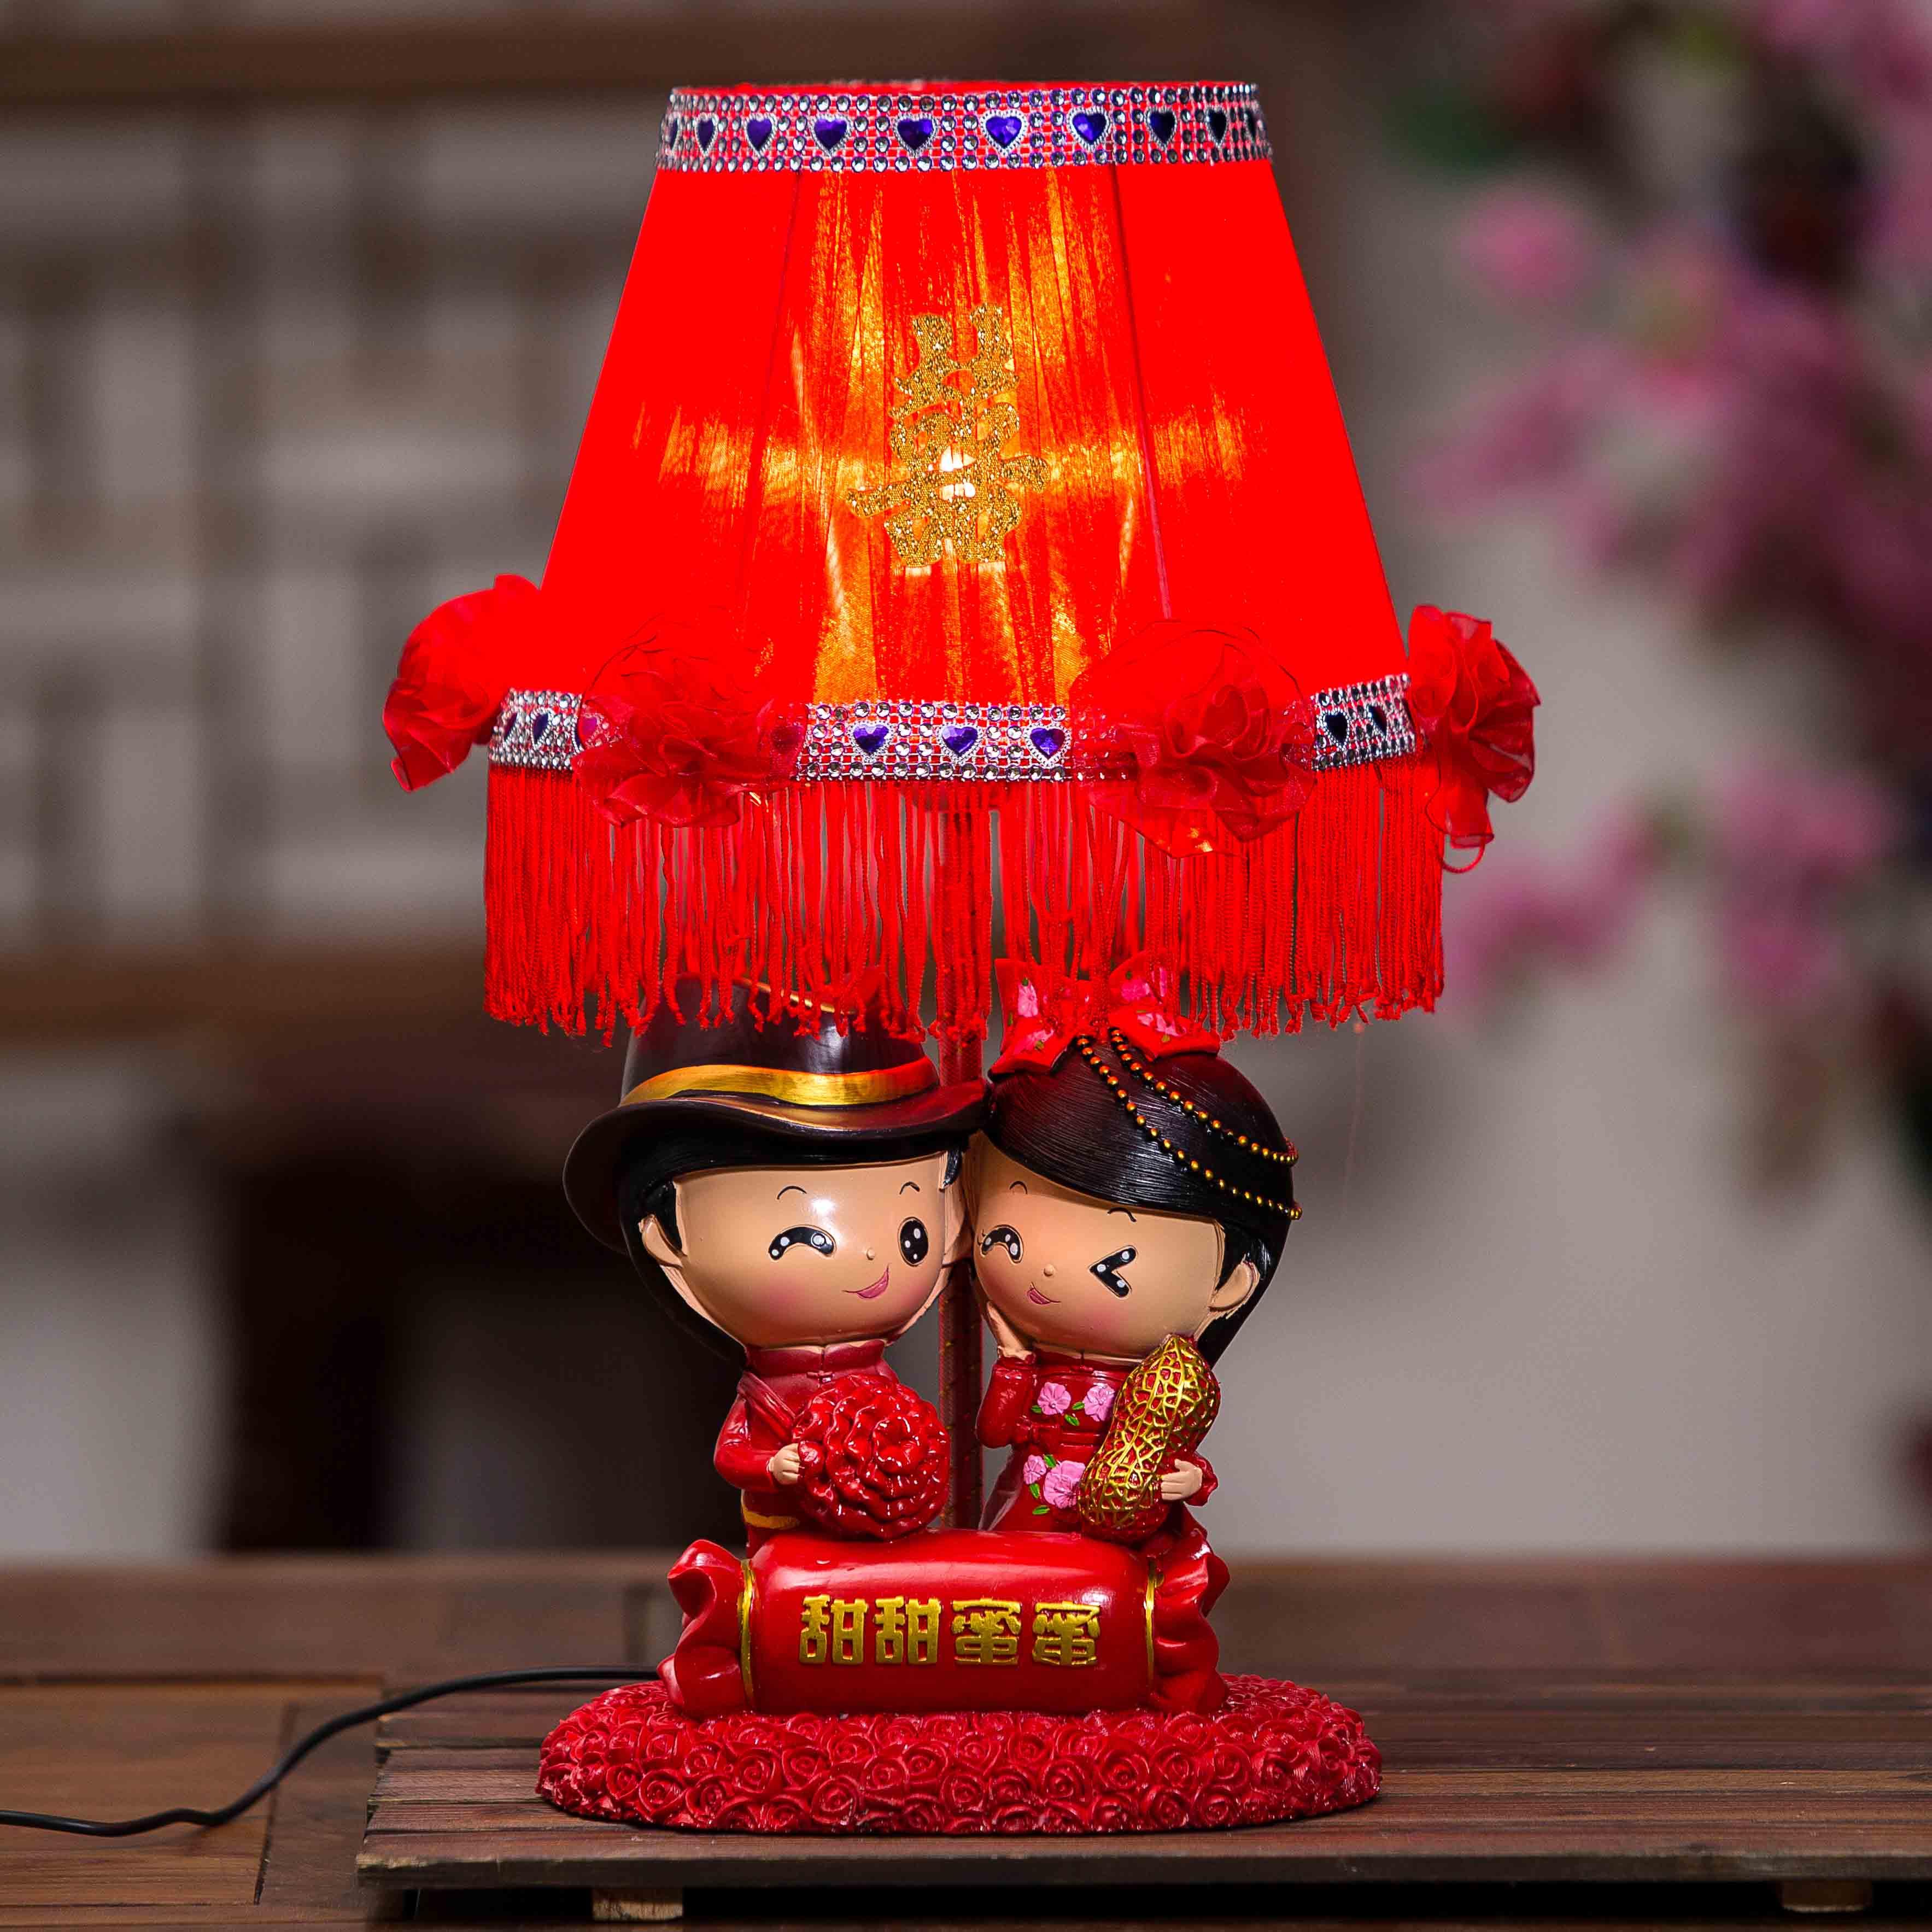 新款花朵婚庆喜庆孔雀树脂底座台灯高档田园蕾丝公主粉床头灯包邮